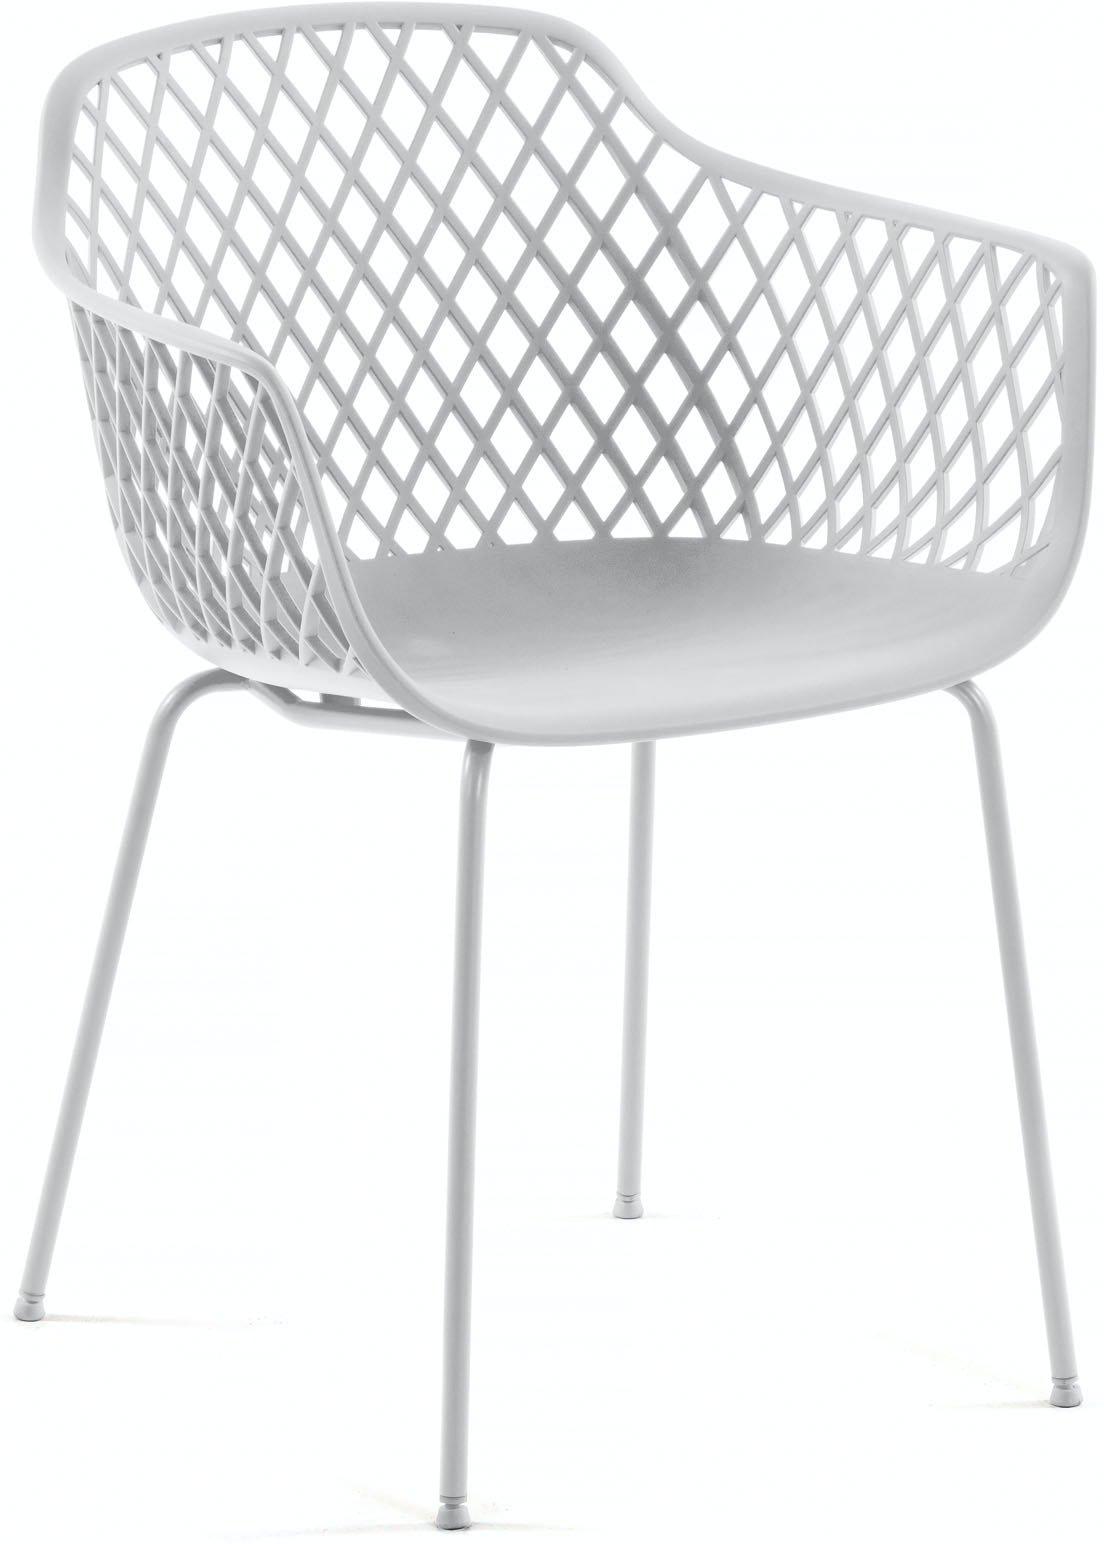 Quinn, Spisebordsstol til udendørs- og indendørsbrug by LaForma (H: 80 cm. B: 60 cm. L: 55 cm., Hvid)